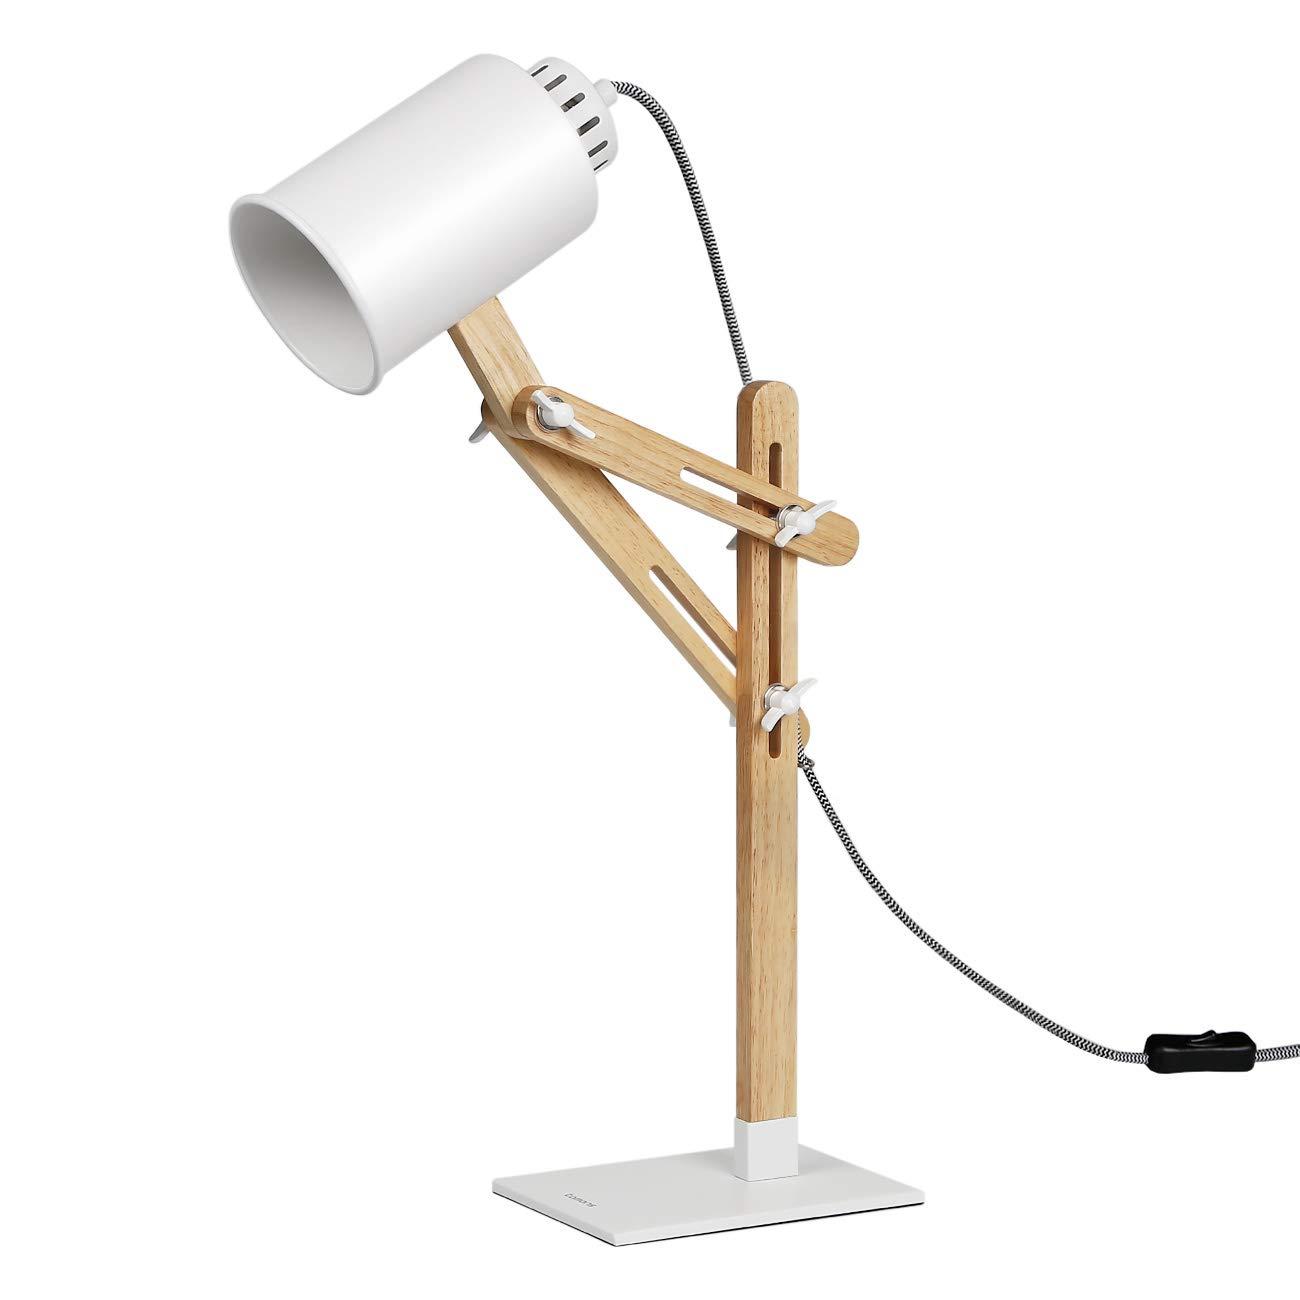 Tomons Holz multiple Winkel Schwenkarm Designer Lampe, Tisch-, Büro-, Bett-, Nachttischlampe Leselampe Lesen Studieren Arbeiten, mattes oder klares Licht, Verschiedene Lichtfarben- grau Büro